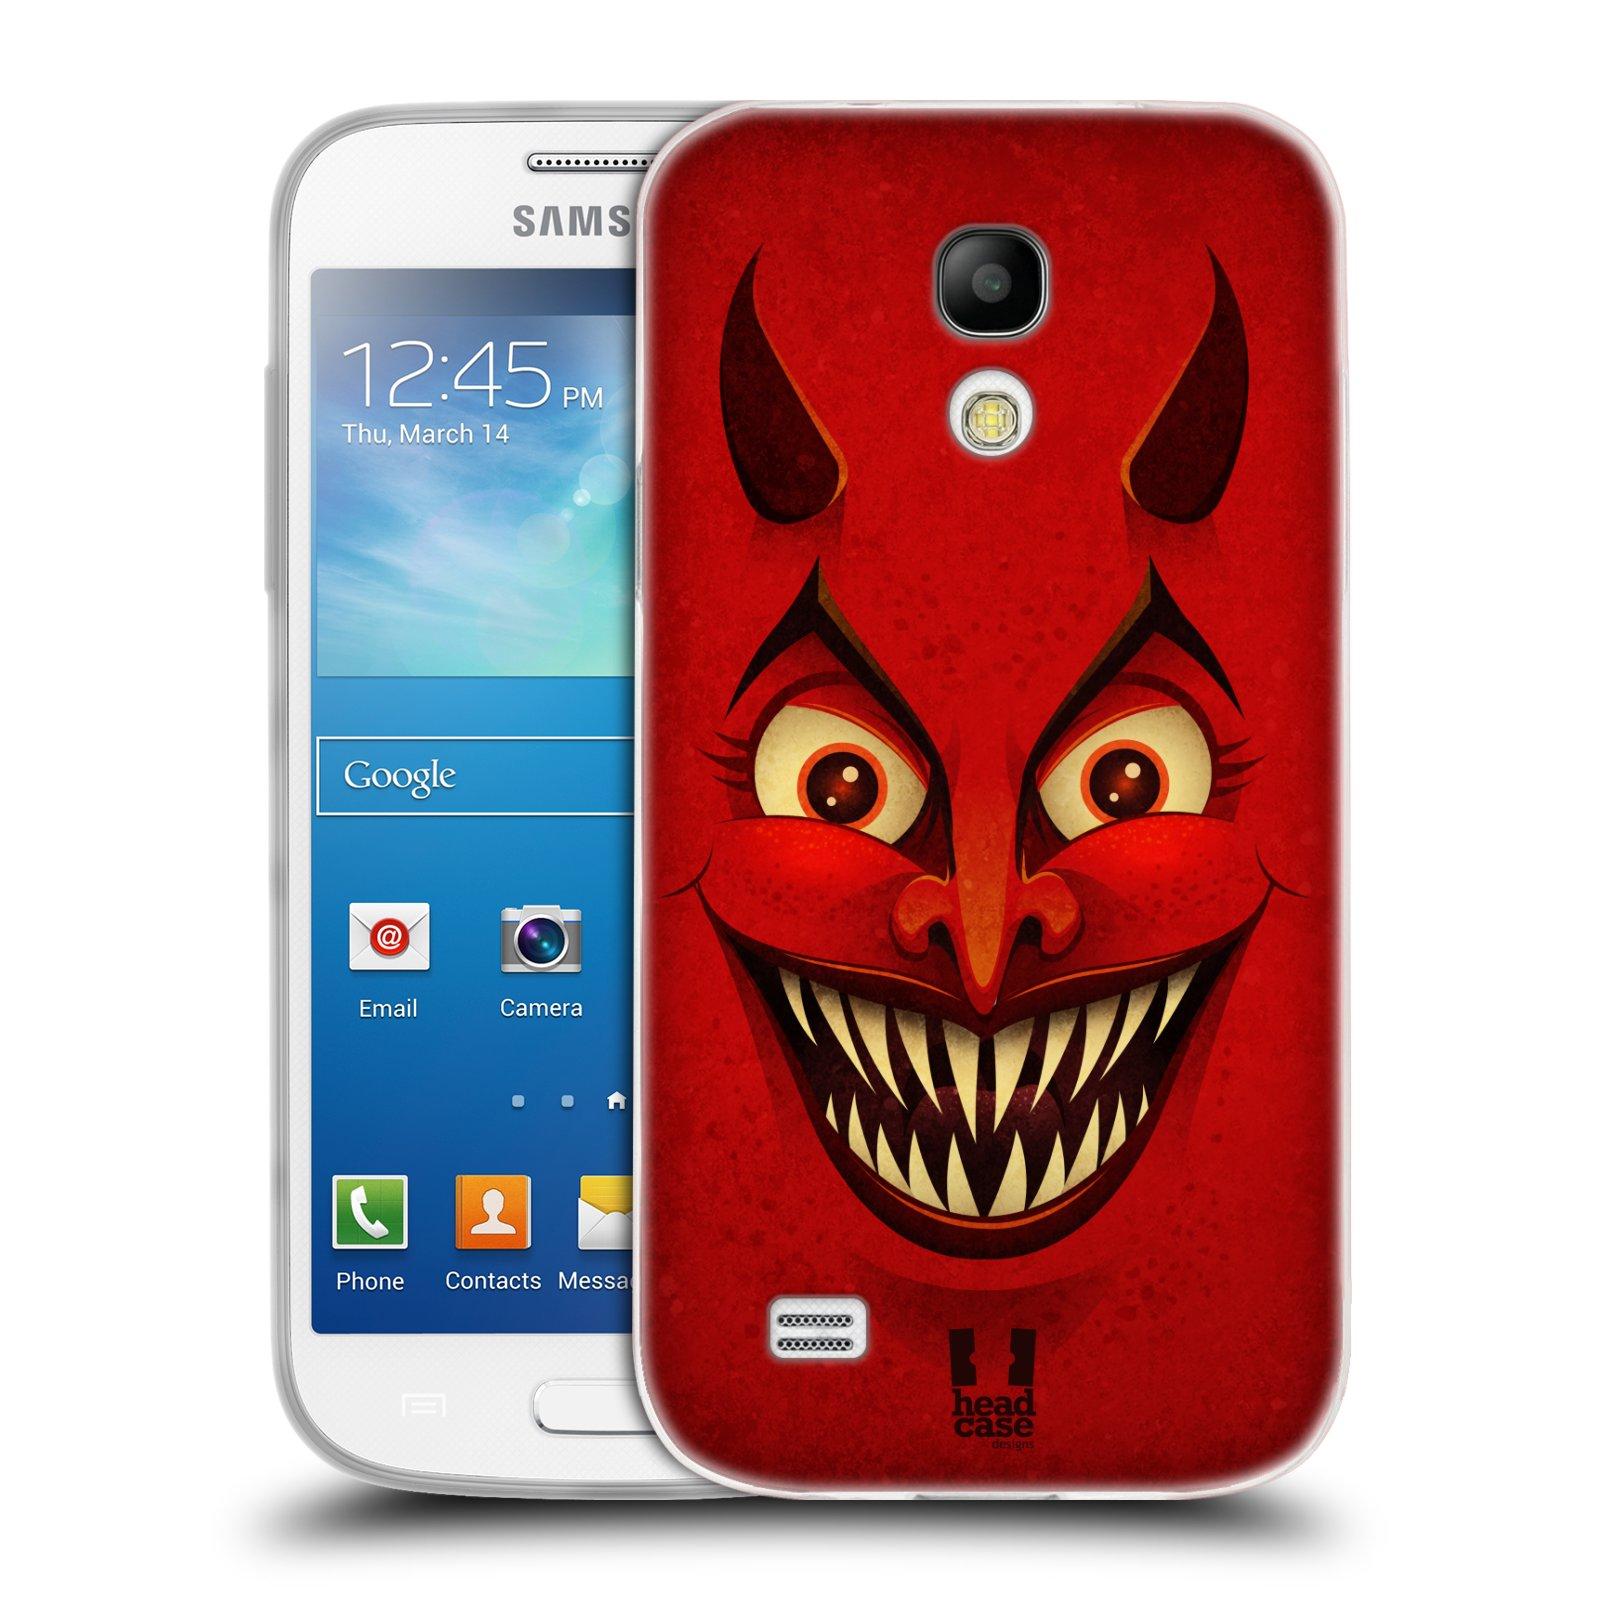 Silikonové pouzdro na mobil Samsung Galaxy S4 Mini HEAD CASE ČERT (Silikonový kryt či obal na mobilní telefon Samsung Galaxy S4 Mini GT-i9195 / i9190 (nepasuje na verzi Black Edition))